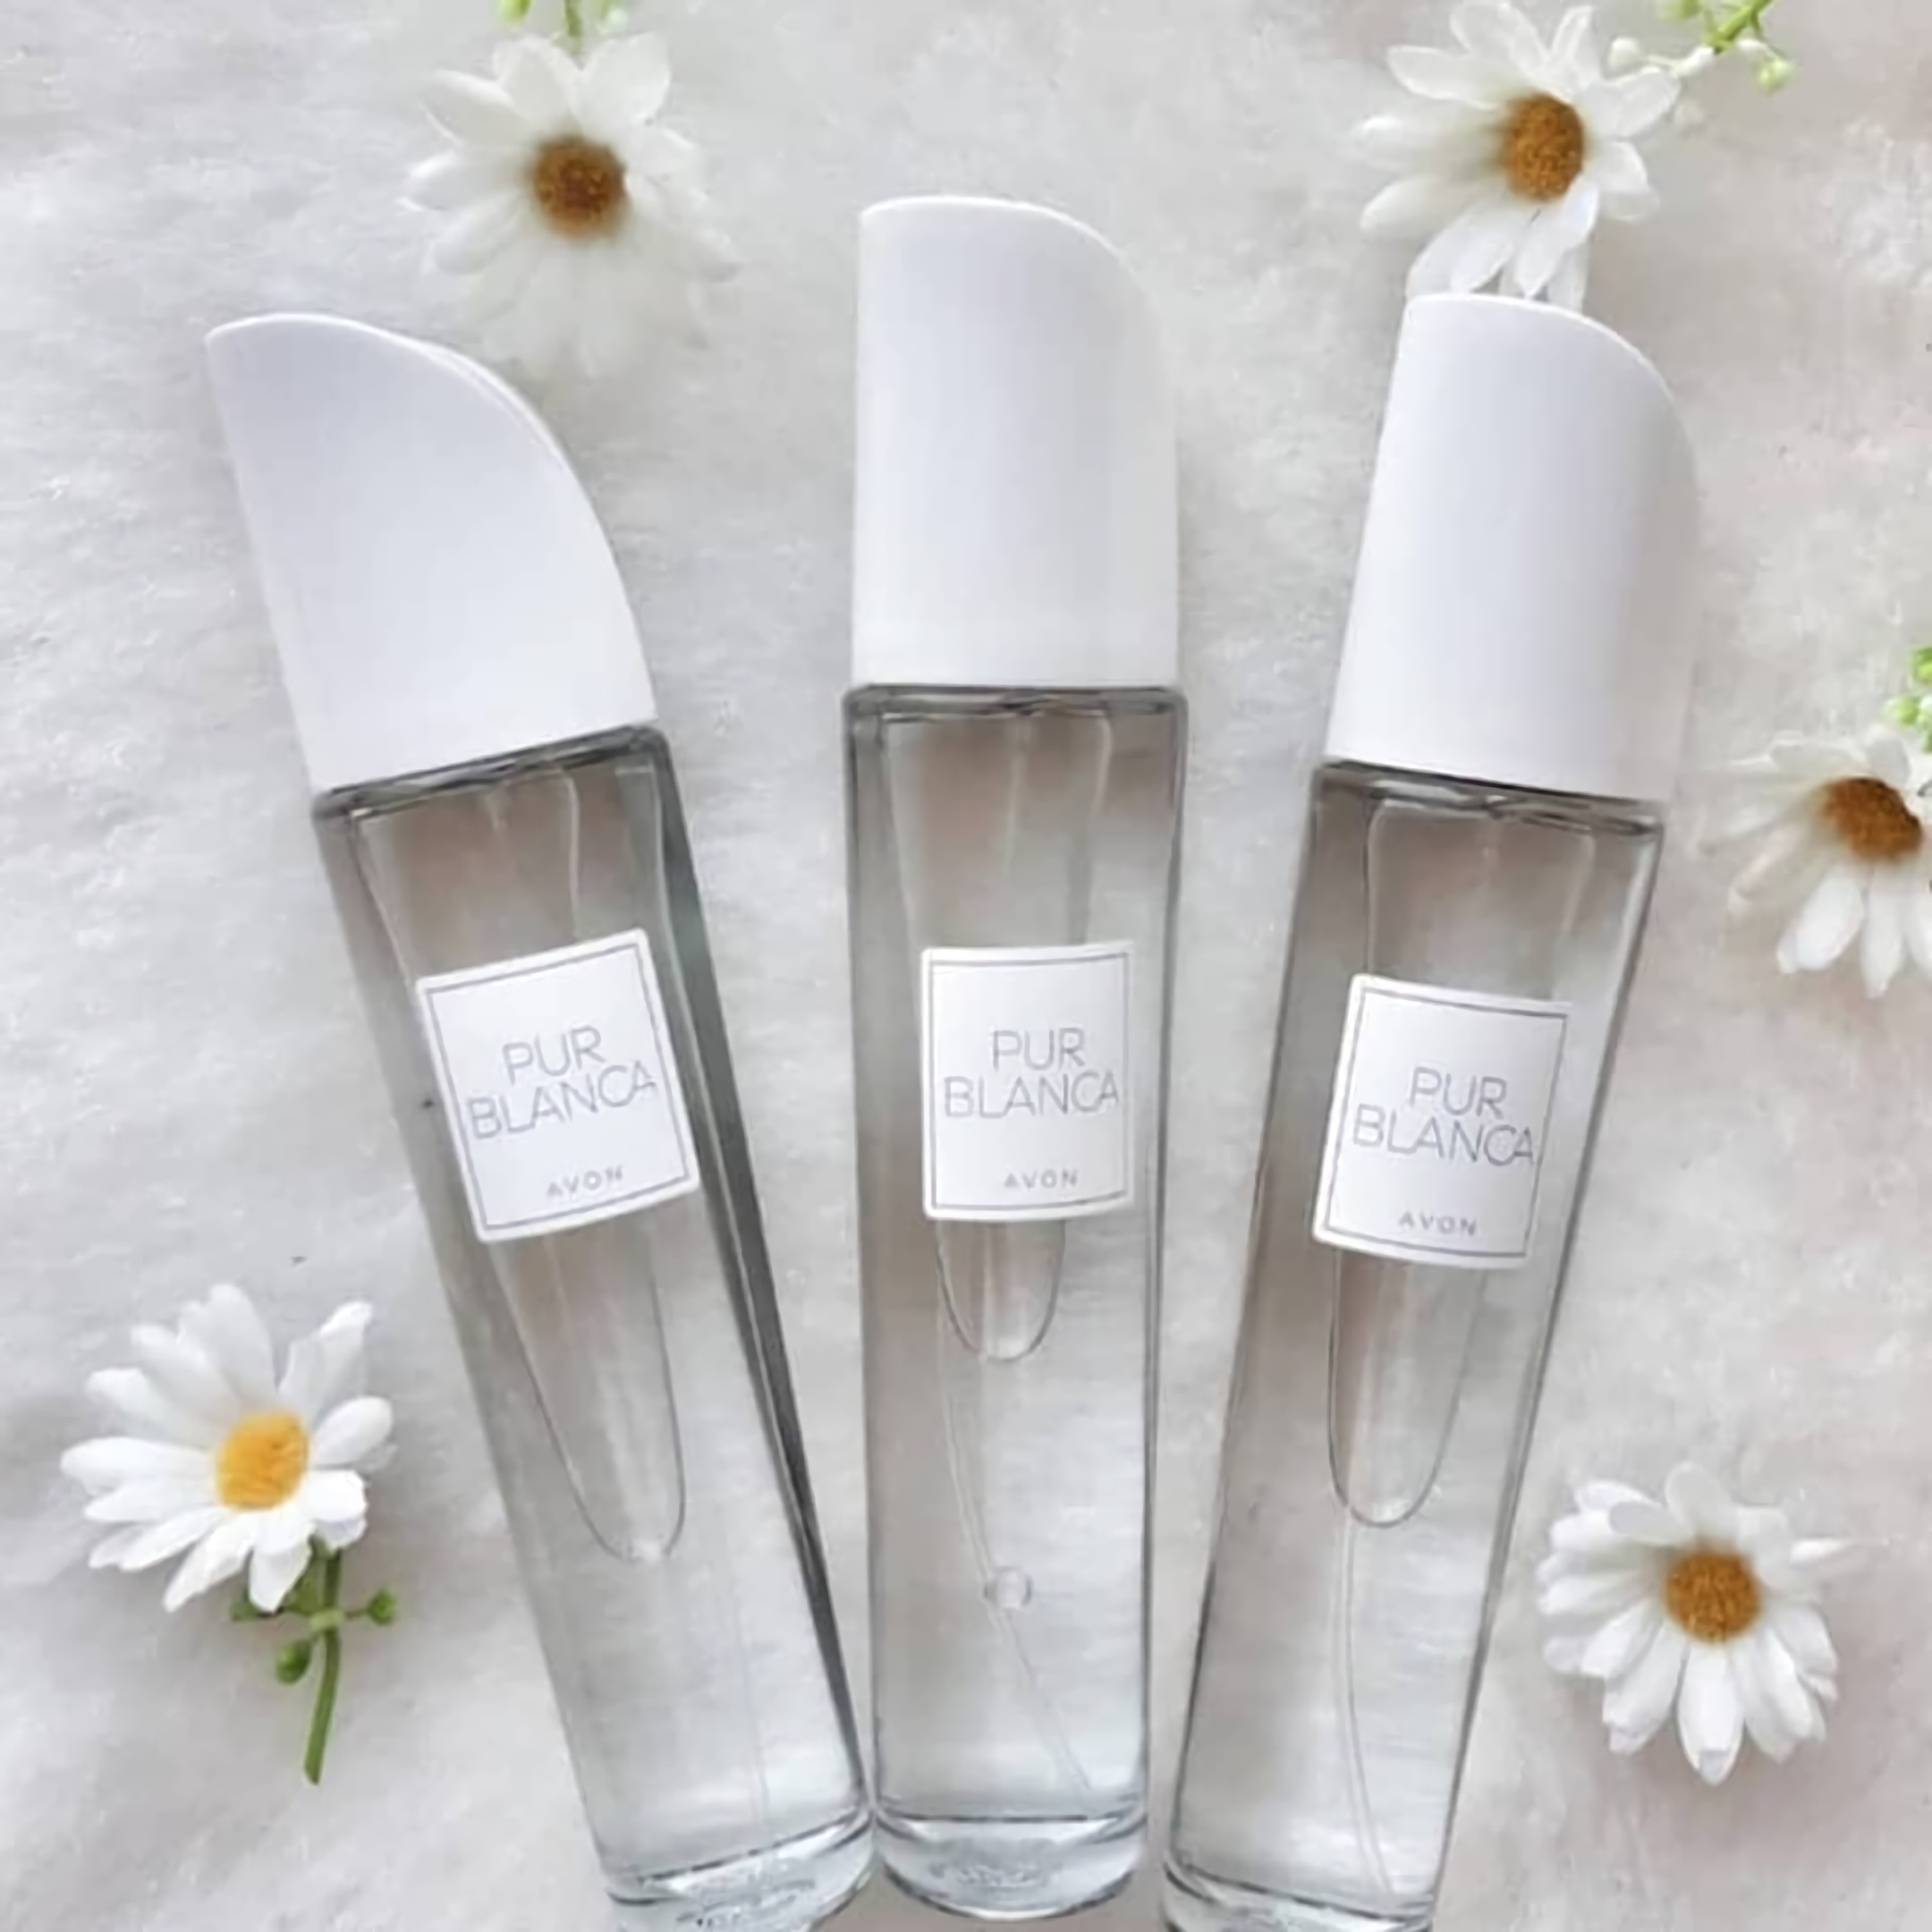 духи для современных женщин Avon Pur Blanca